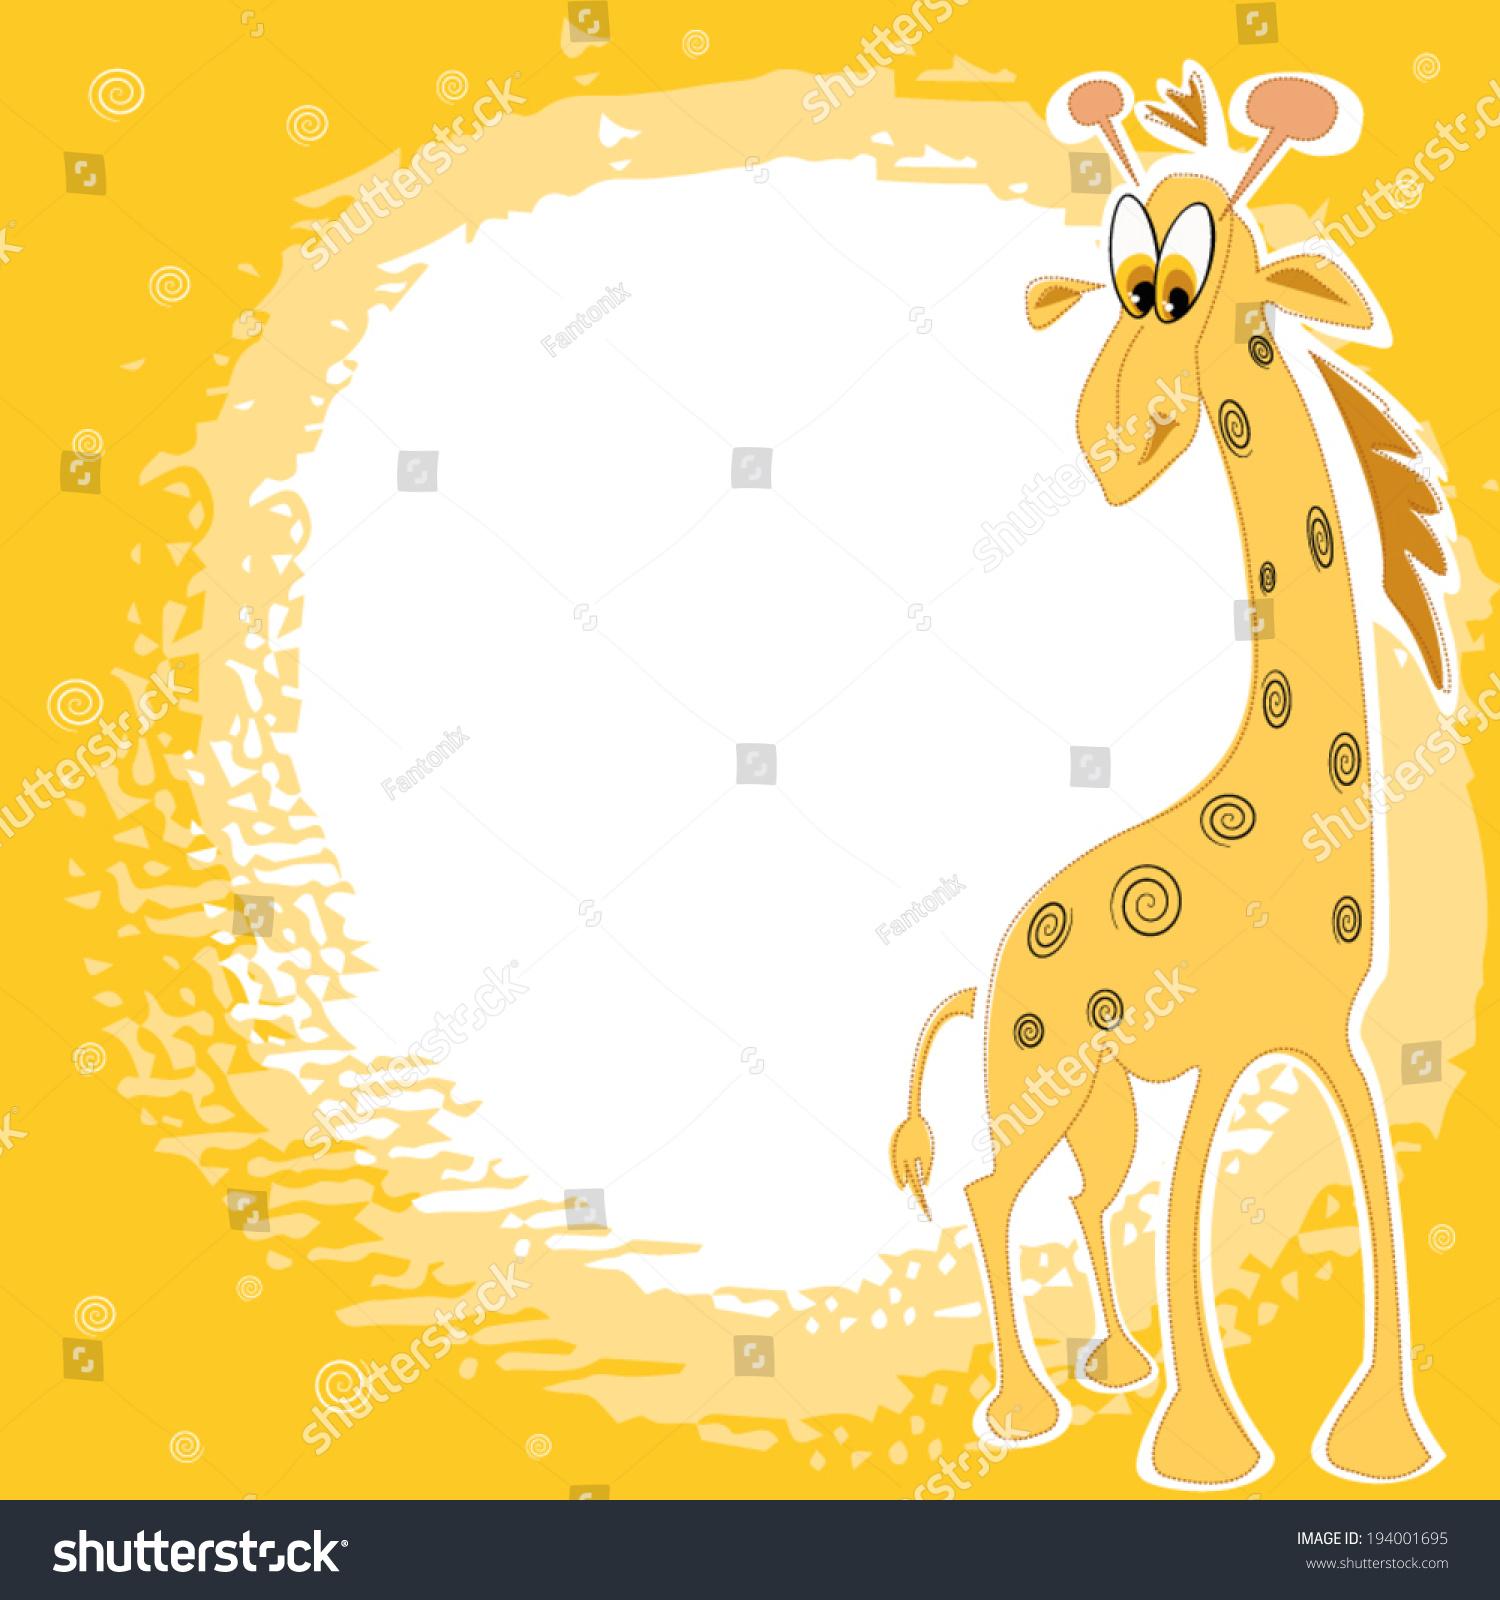 Vector Card Design Cute Giraffe On Stock Vector 194001695 ...